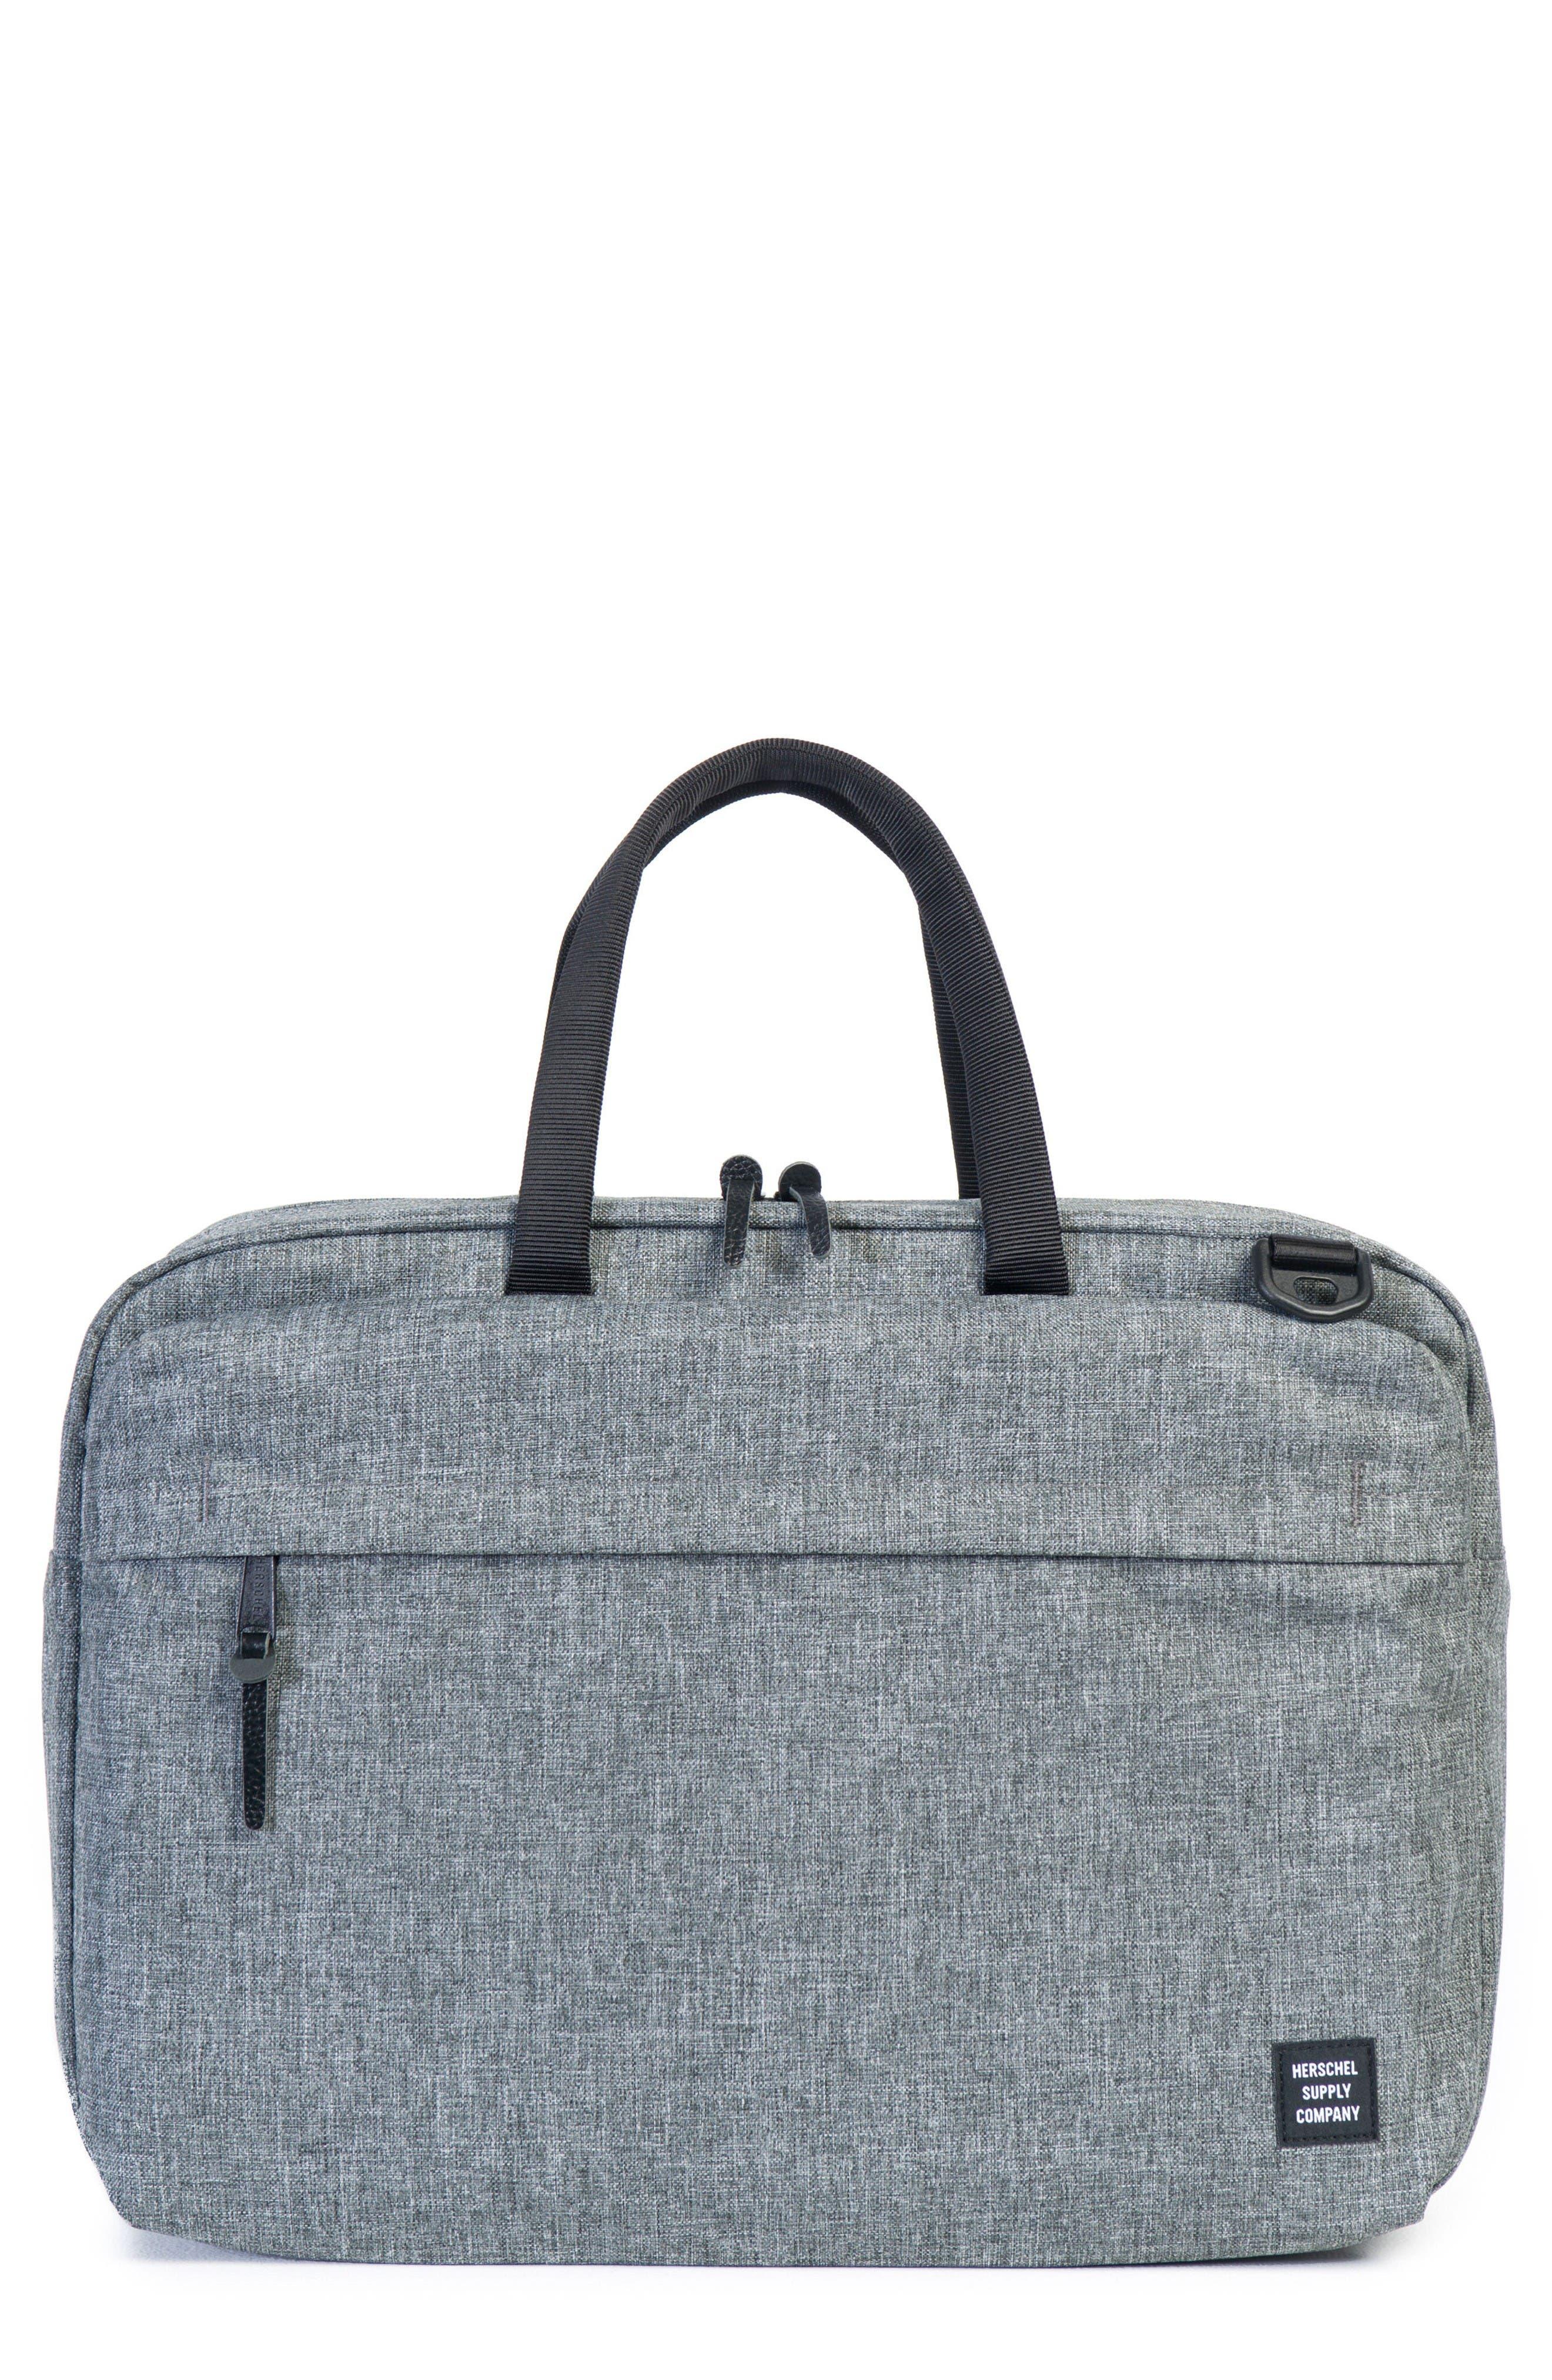 Alternate Image 1 Selected - Herschel Supply Co. Sandford Messenger Bag